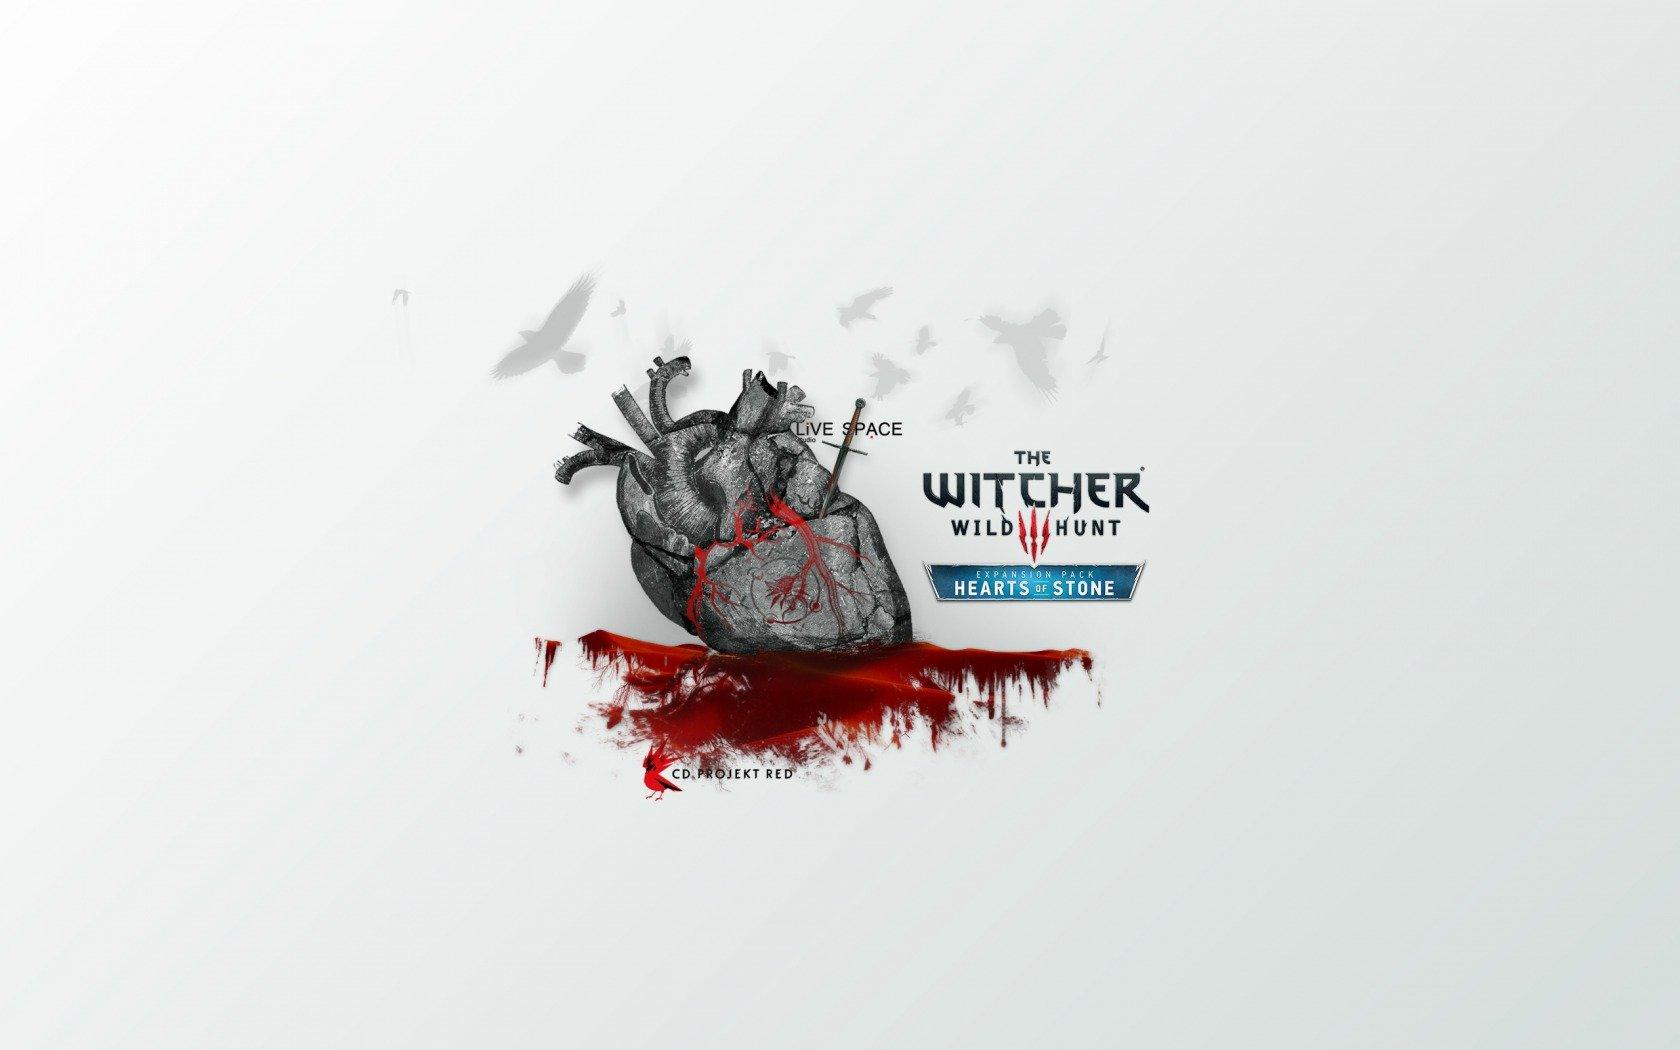 """The Witcher 3: Wild Hunt. Новая информация о дополнении """"КАМЕННЫЕ СЕРДЦА"""".  Gamestar опубликовало новые детали расши .... - Изображение 1"""